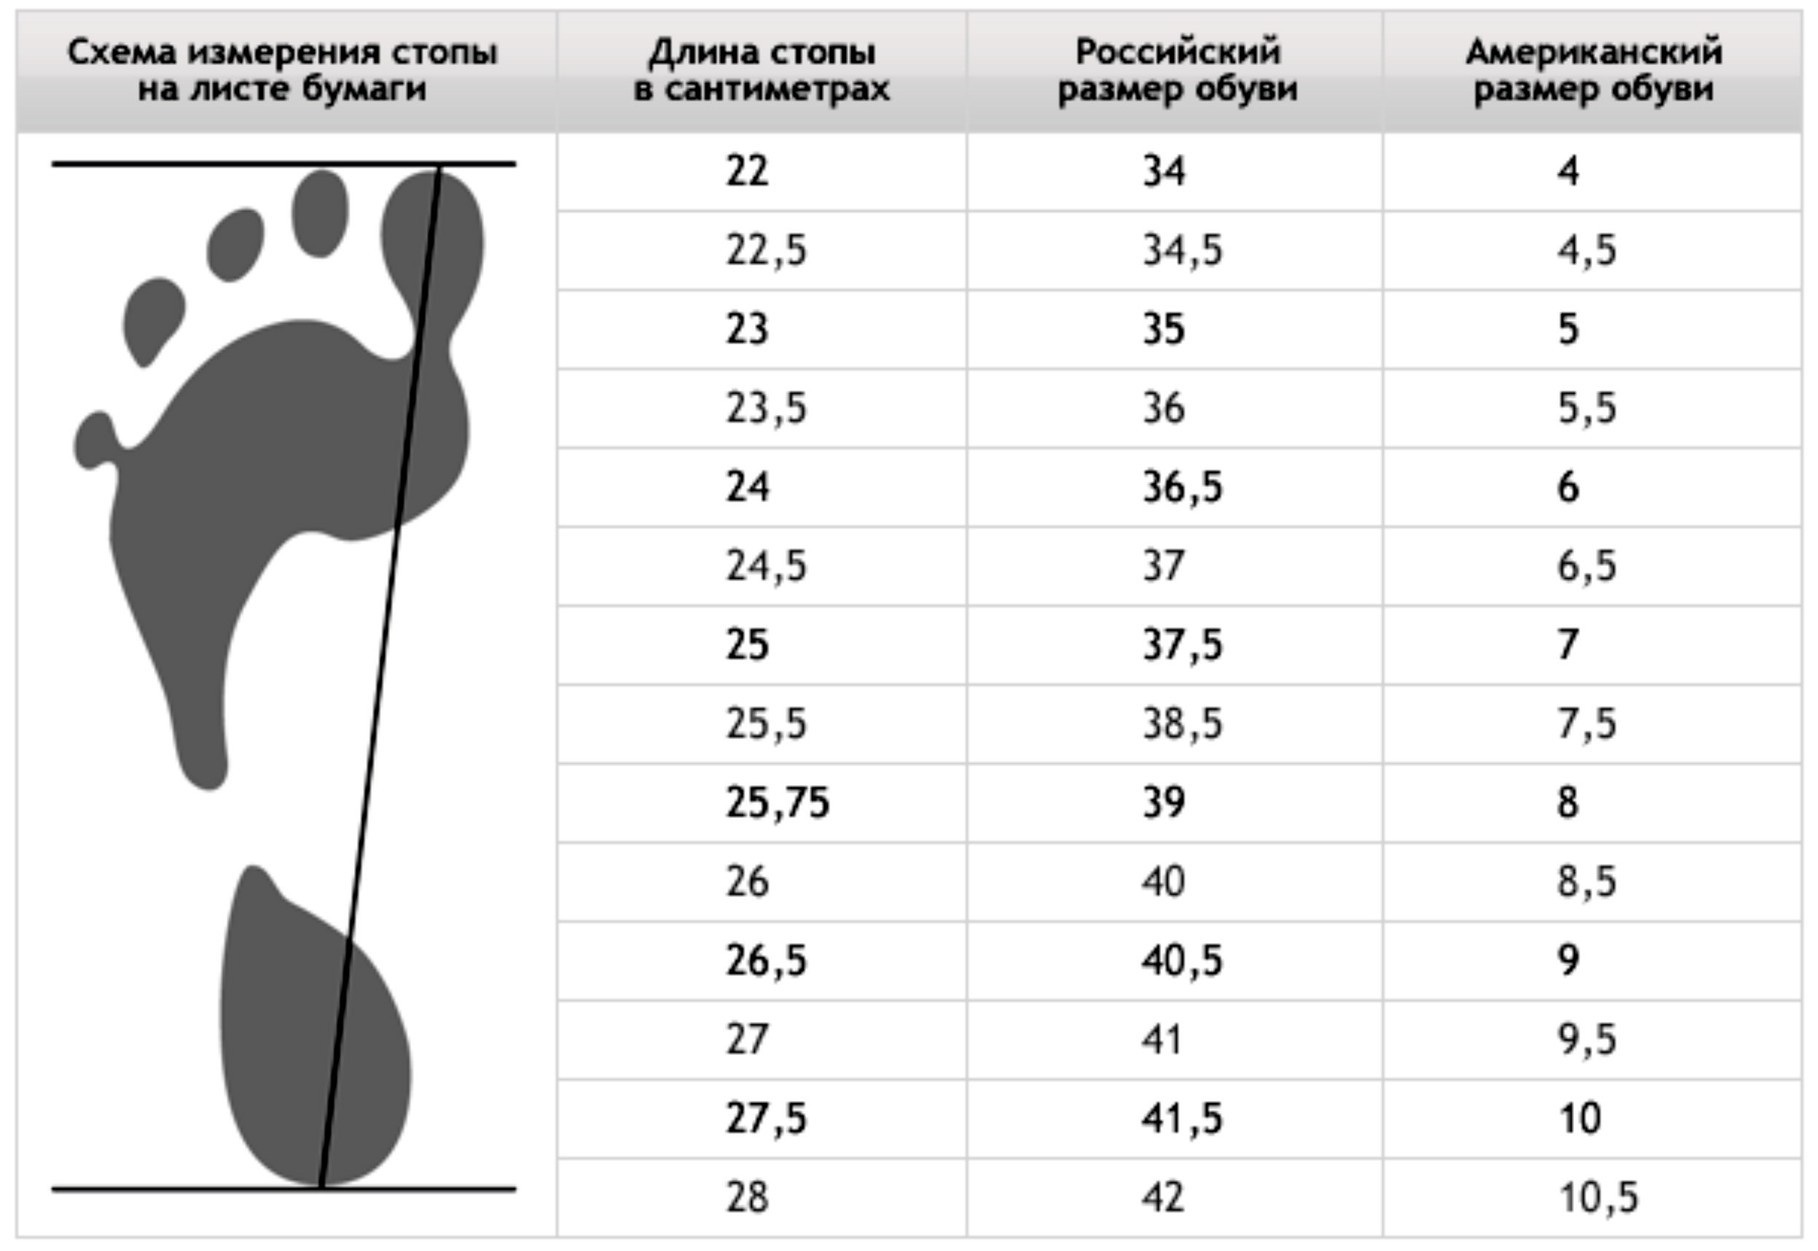 размеры обуви картинки таблица геннадия, вполне можно